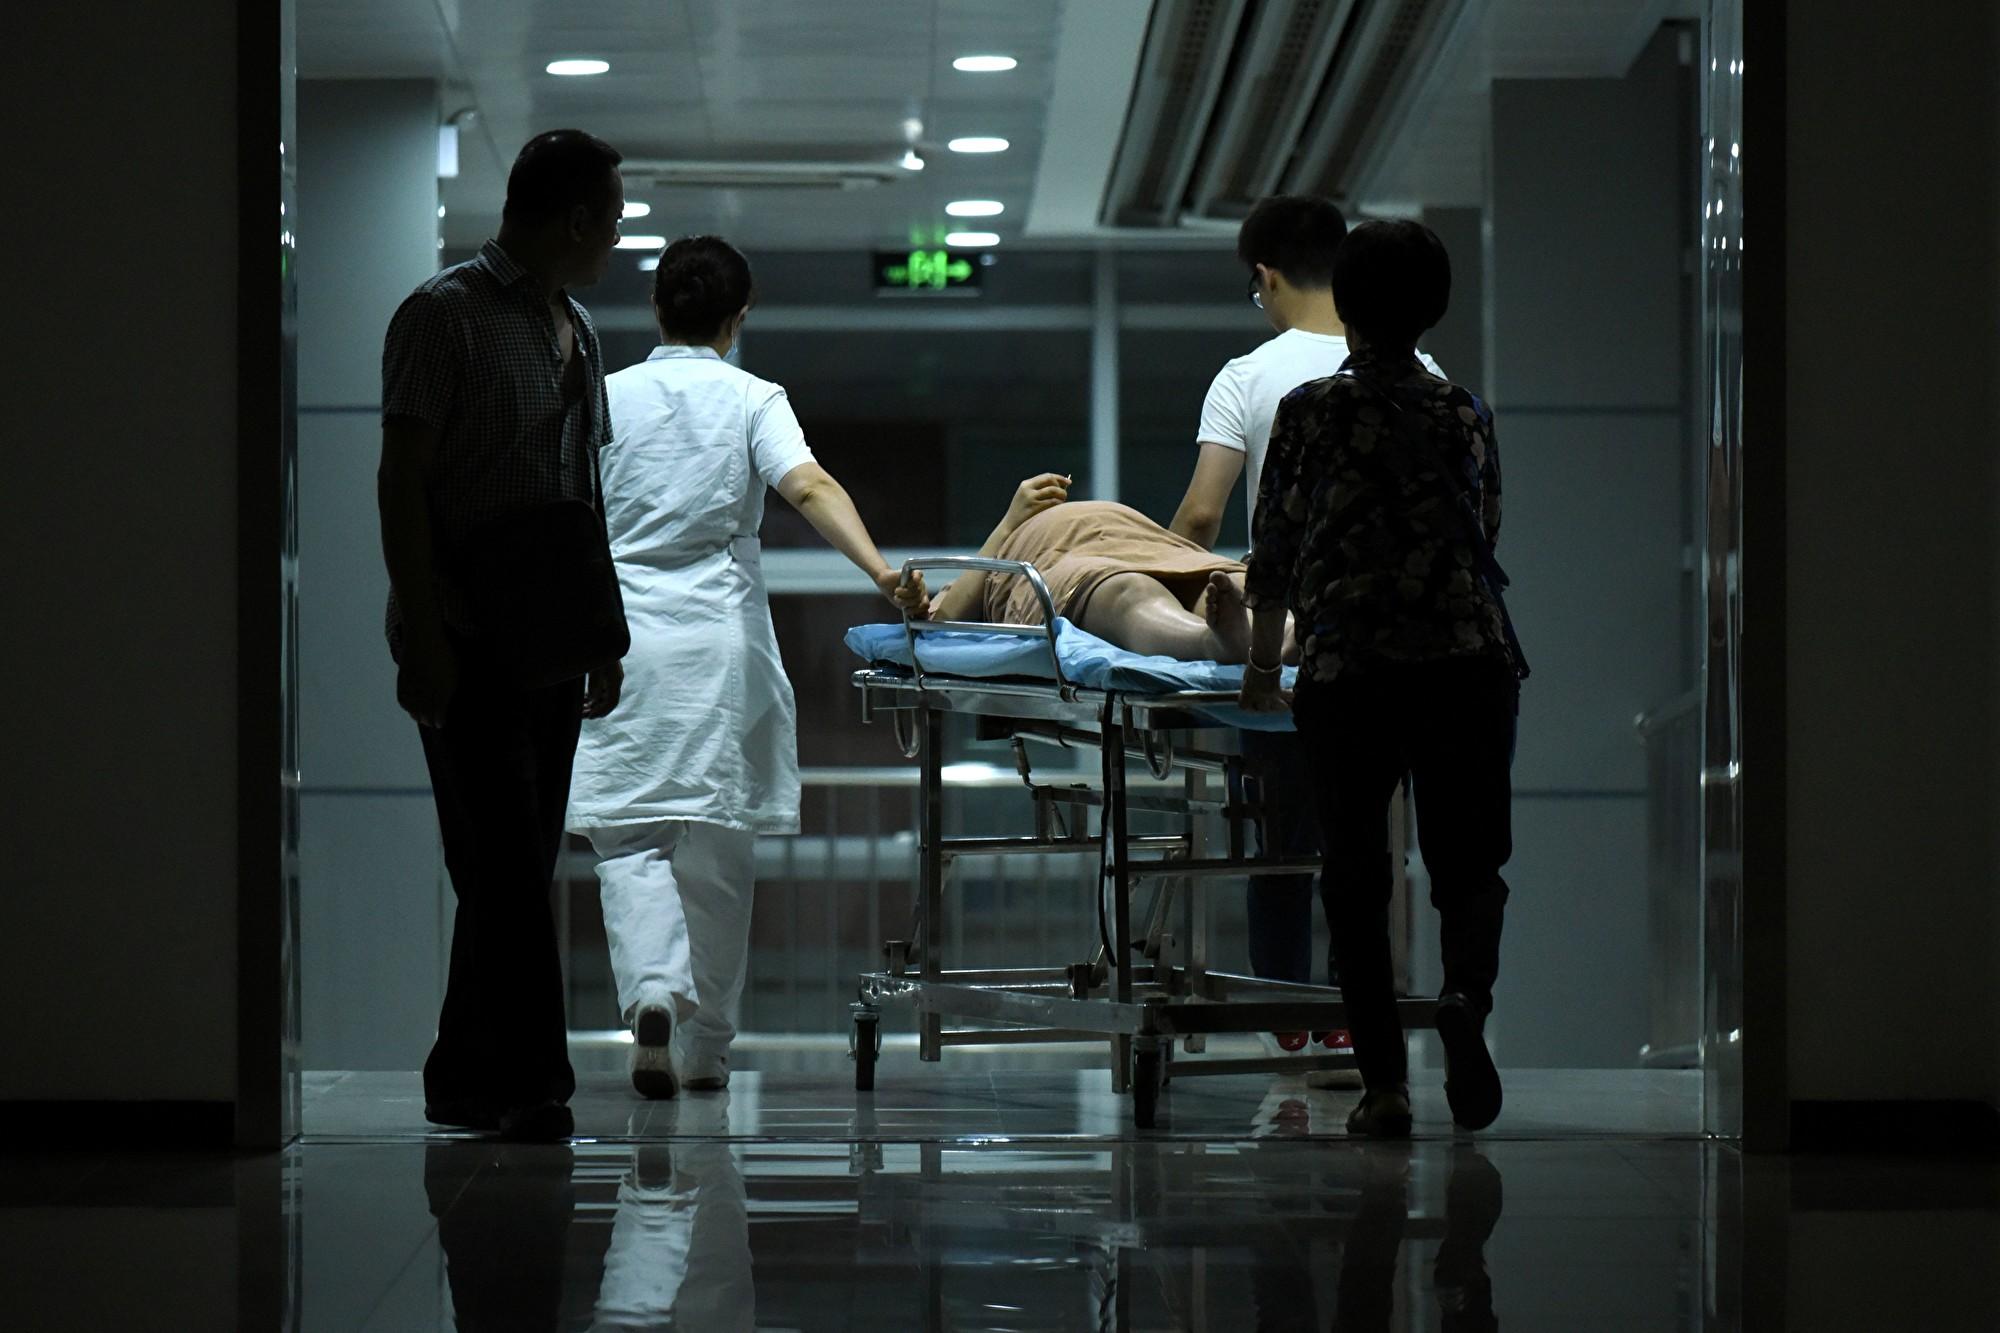 中共醫改收費明降暗升 醫療服務費大幅上漲